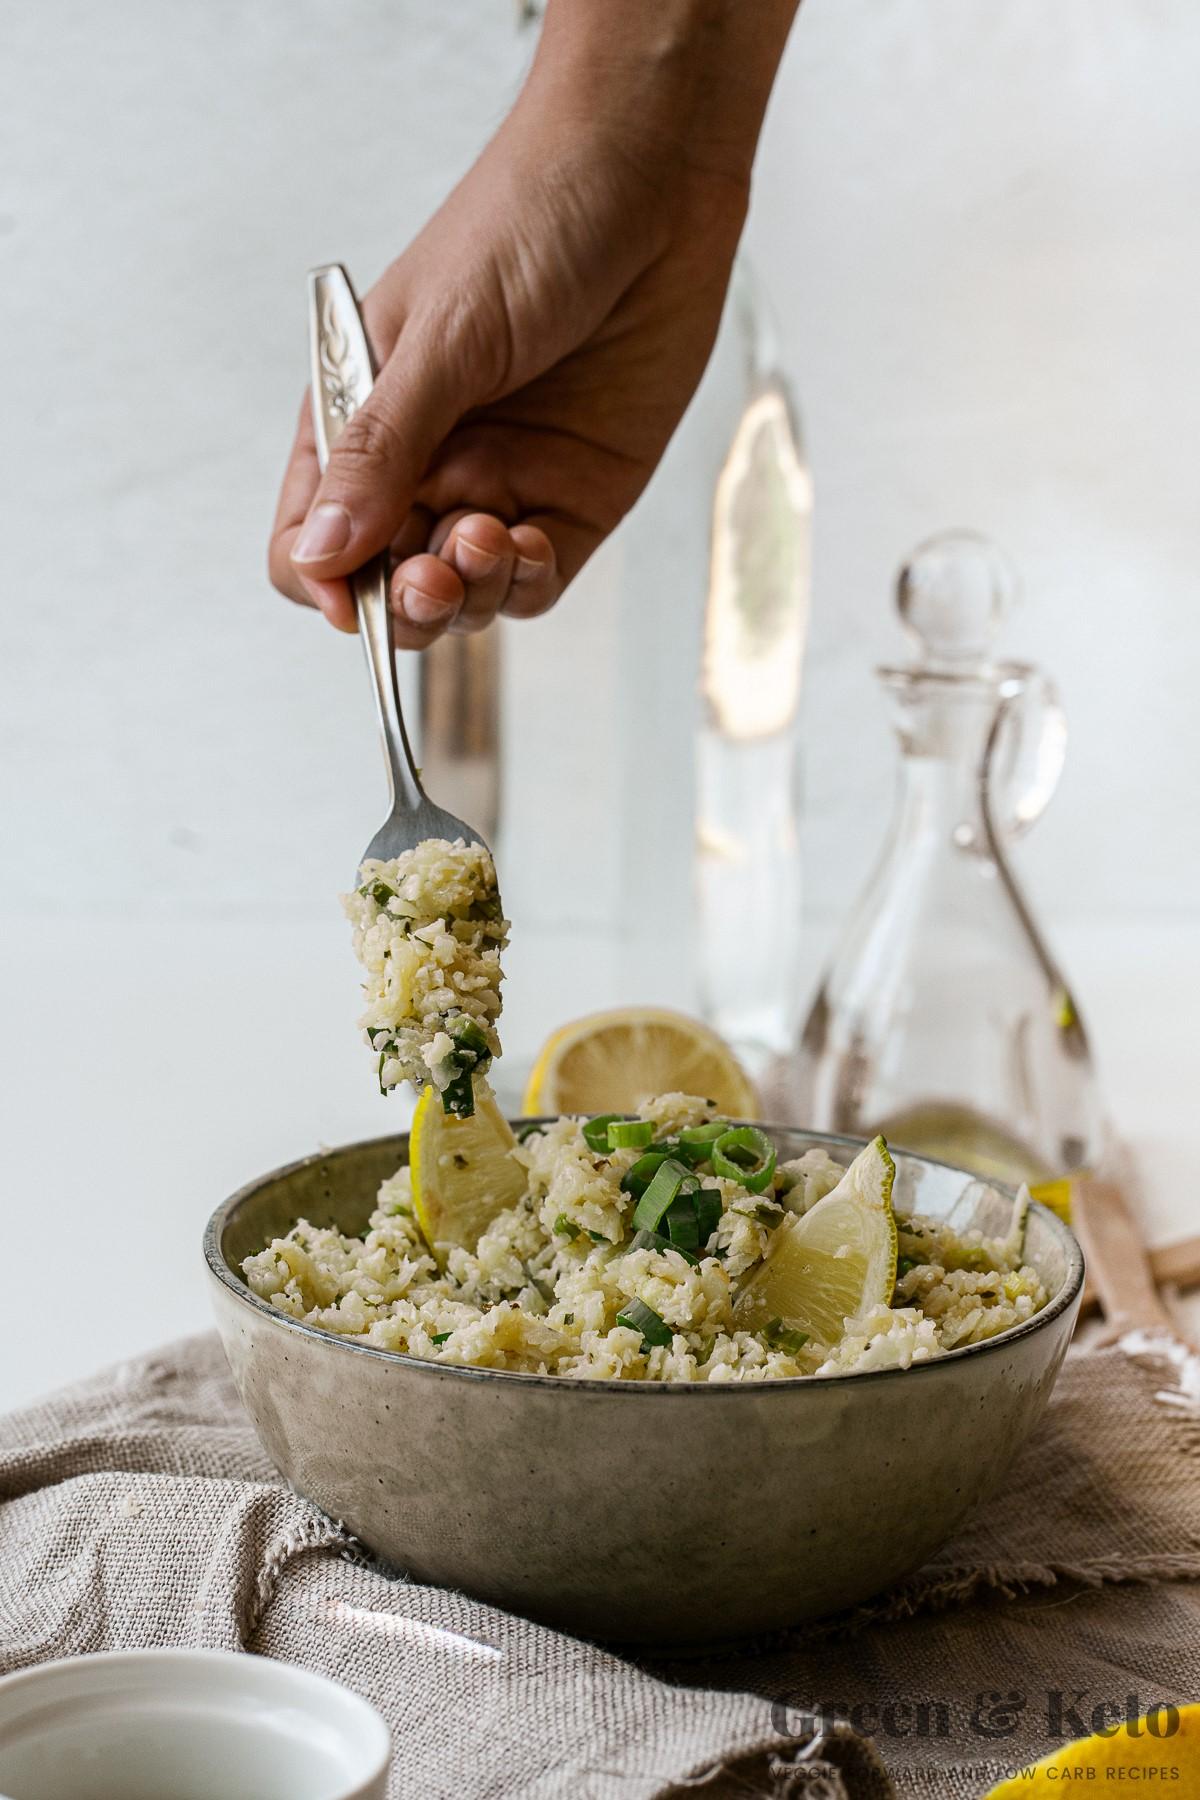 how to prepare cauliflower